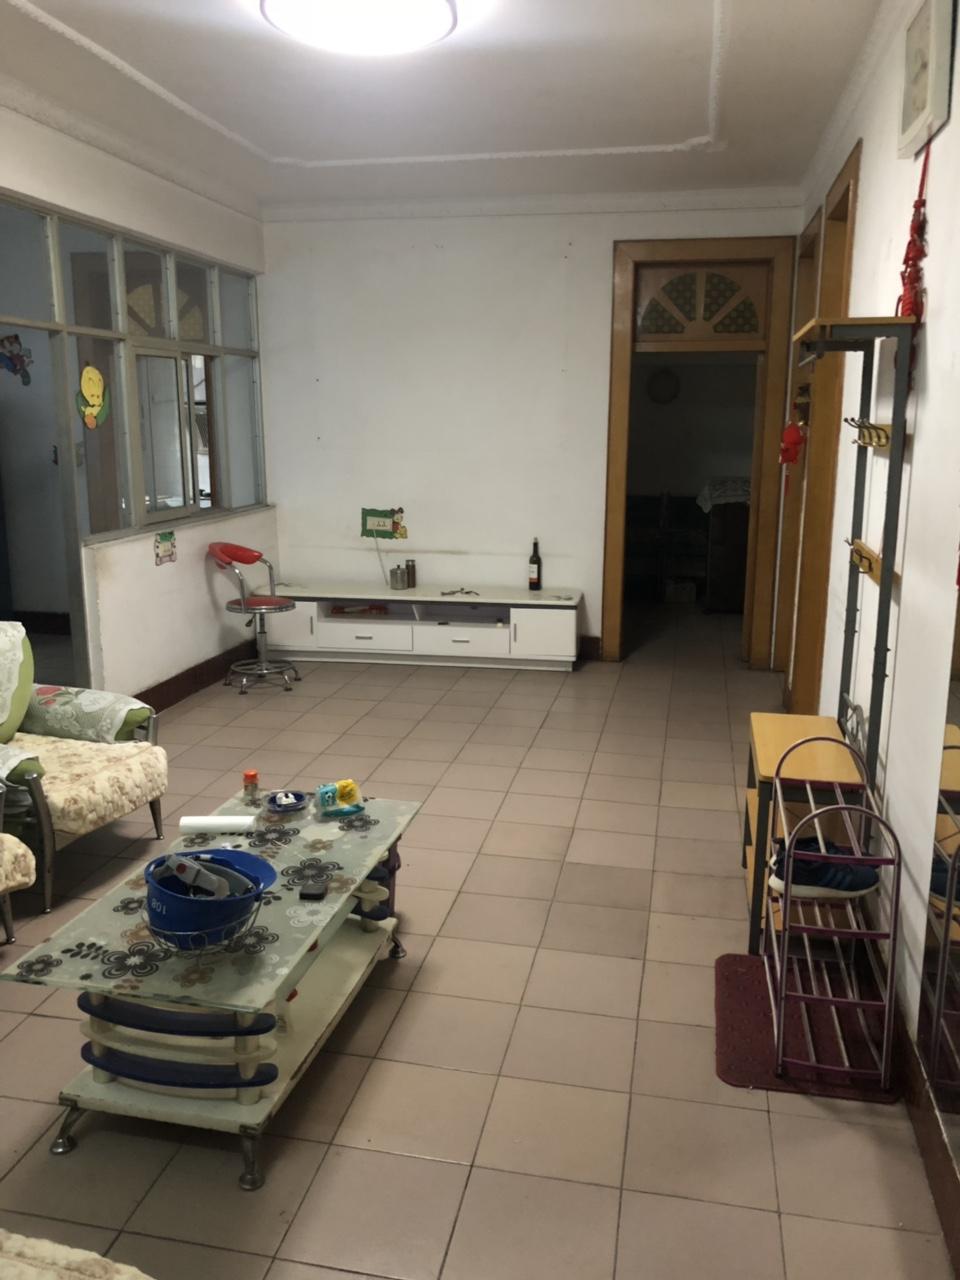 化肥厂家属院4室 2厅 1卫